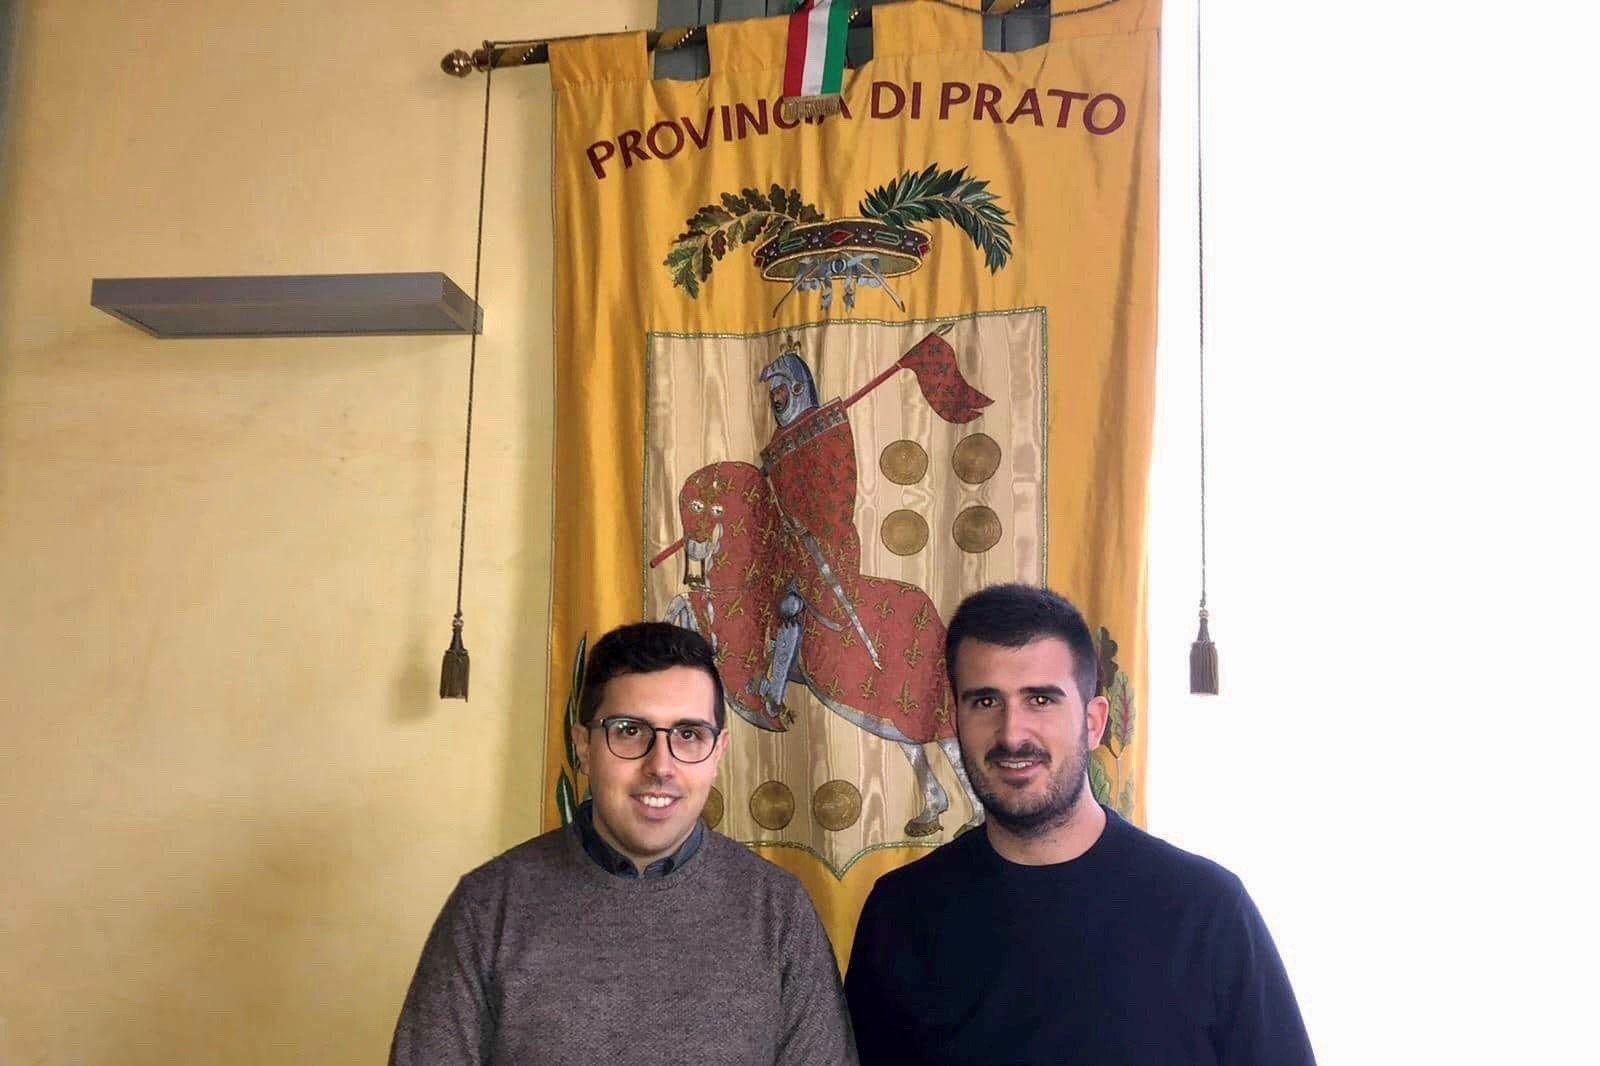 Gandola: In provincia FI Firenze e Prato è pronta a collaborare